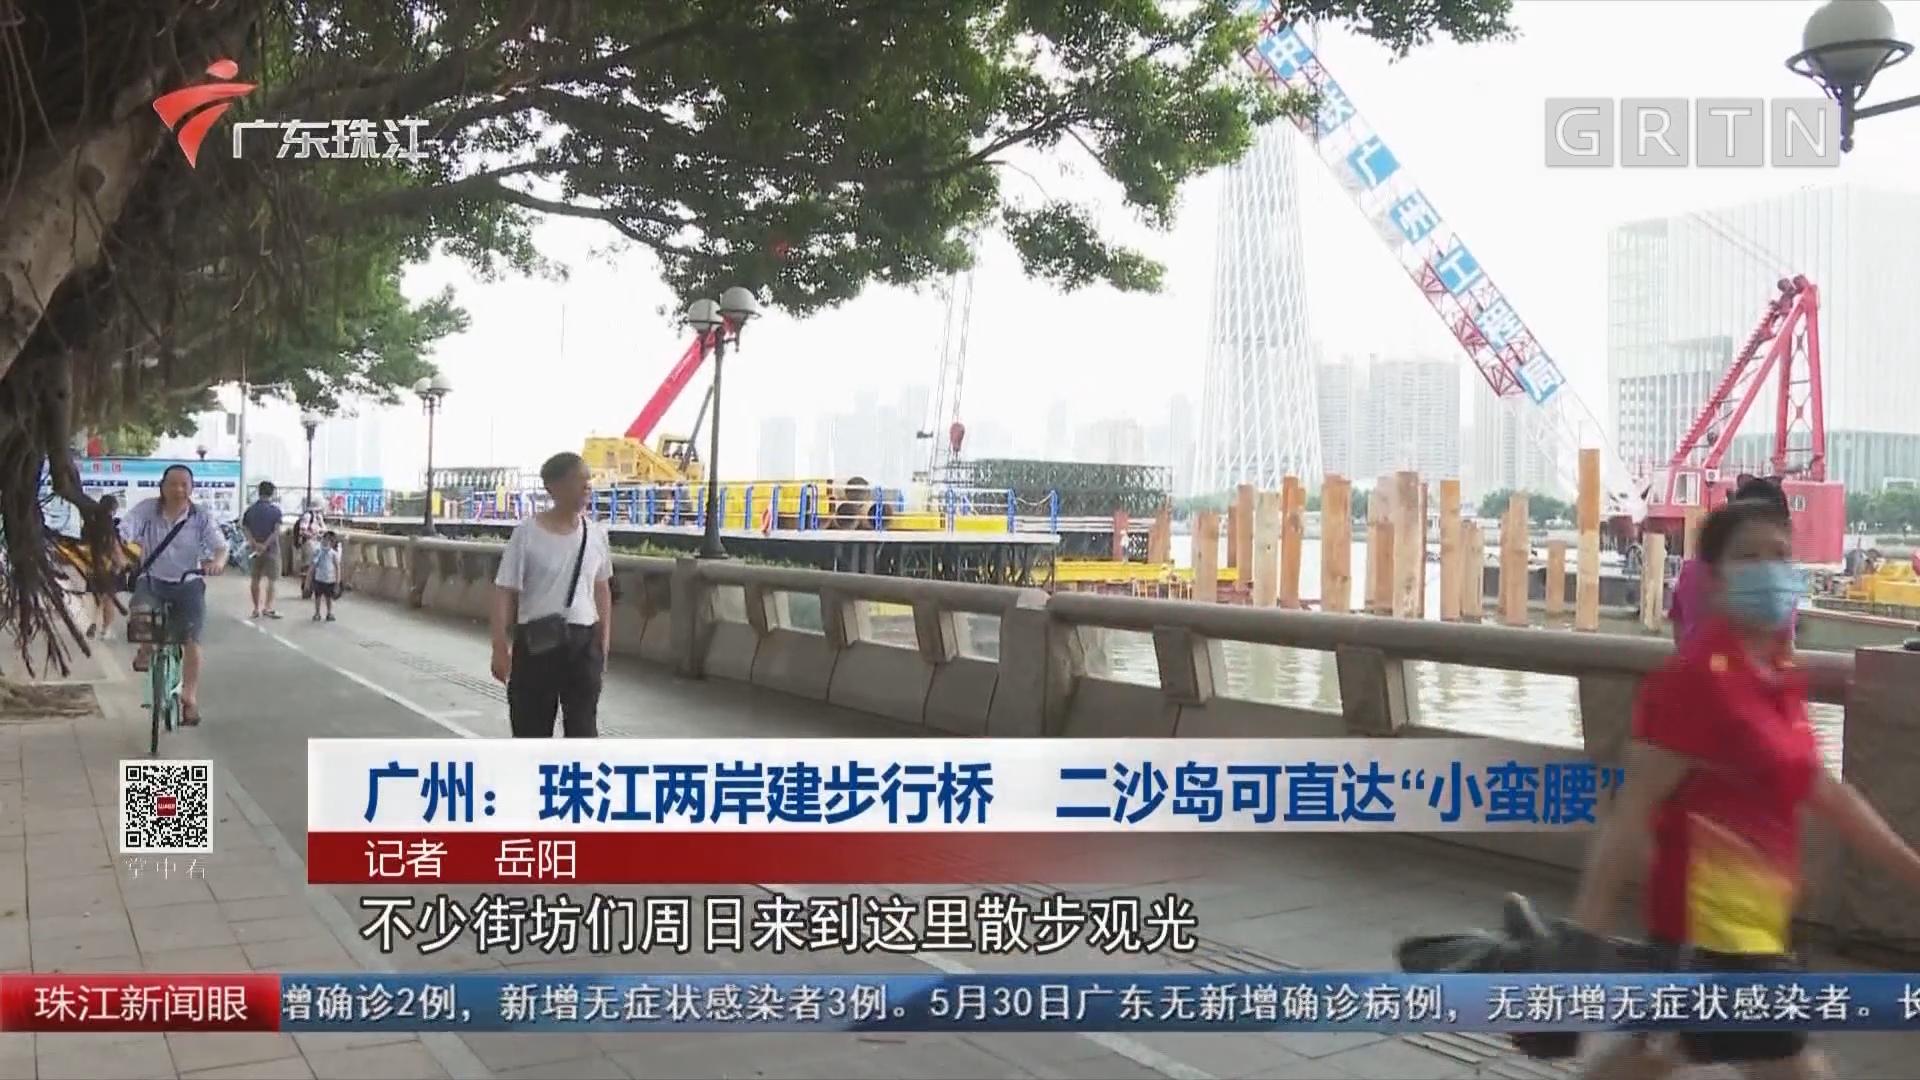 """廣州:珠江兩岸建步行橋 二沙島可直達""""小蠻腰"""""""